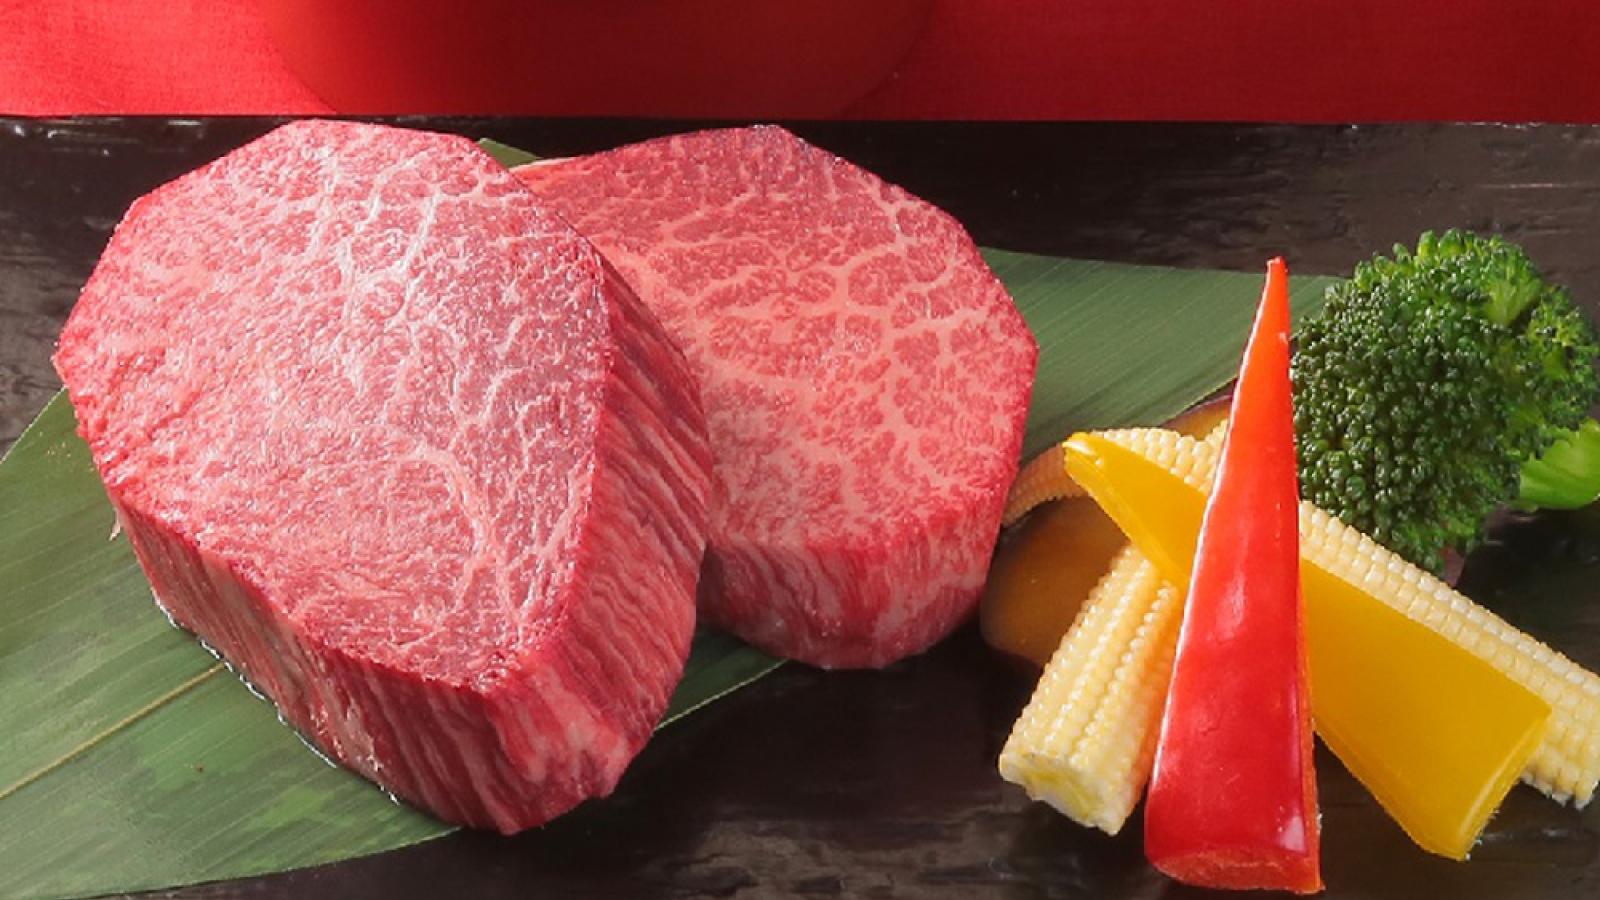 Tiết lộ giá trị trong miếng thịt bò Ozaki thượng hạng có giá đắt đỏ